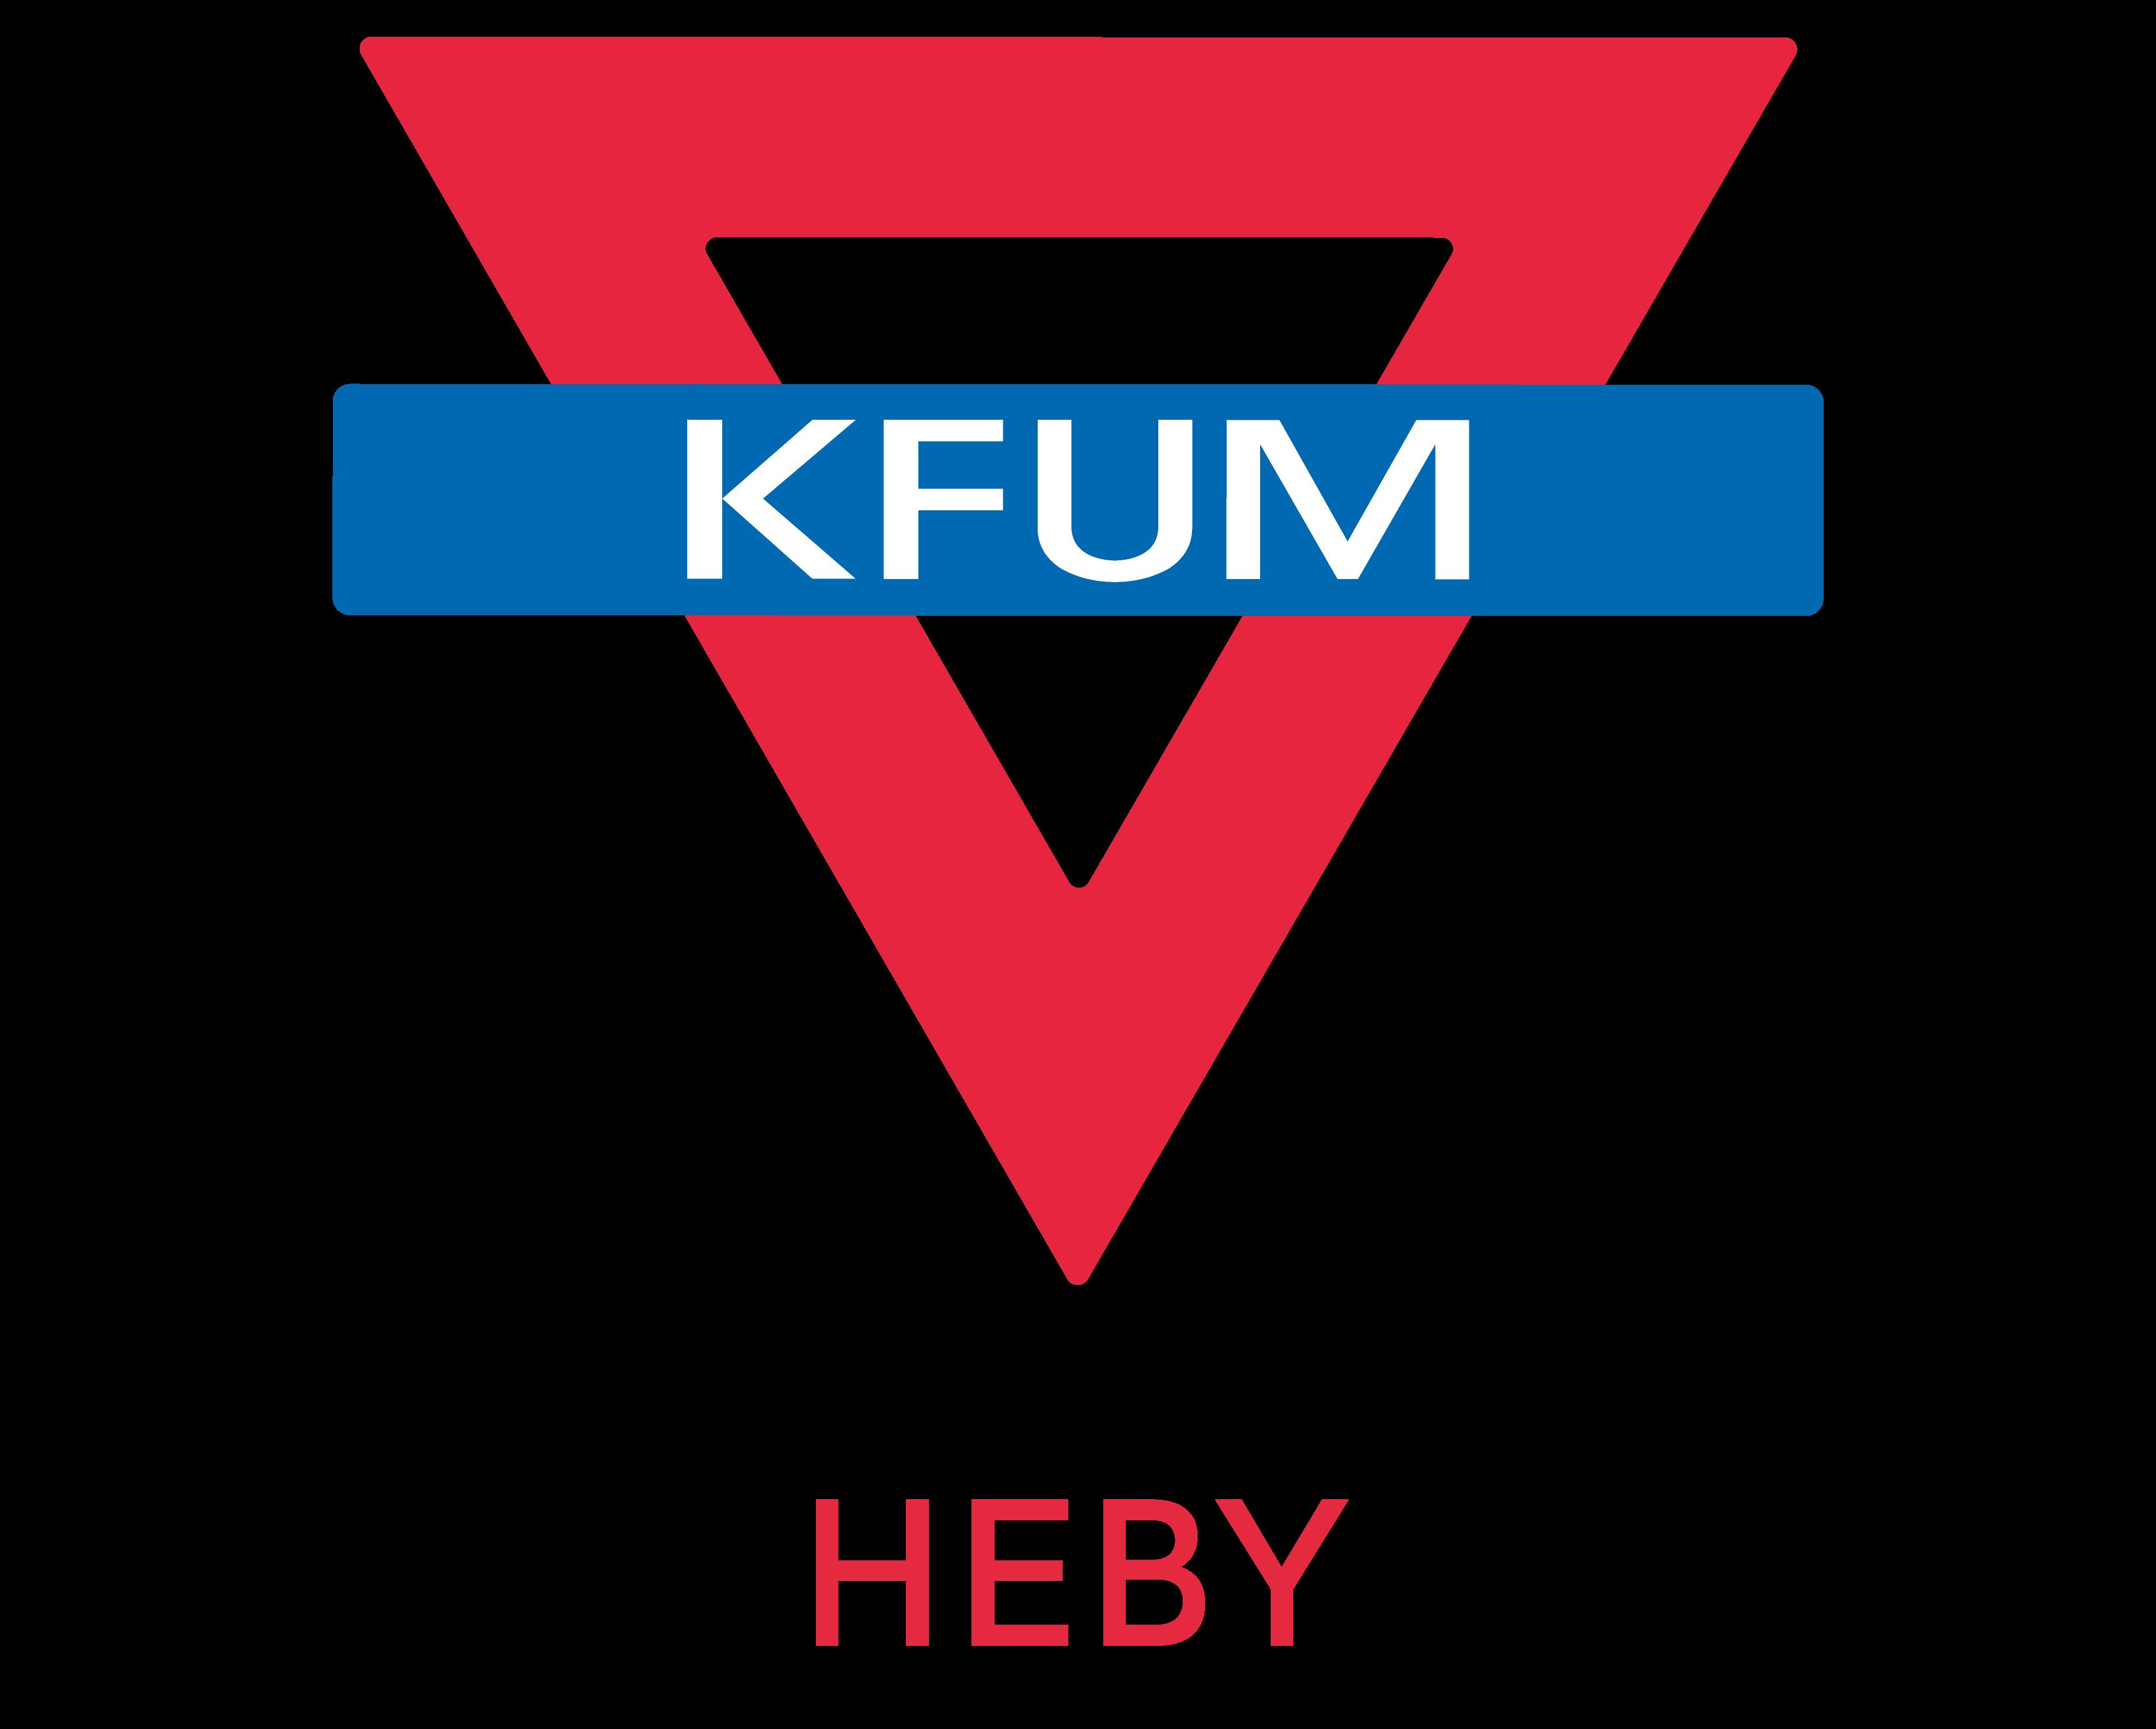 KFUM Heby